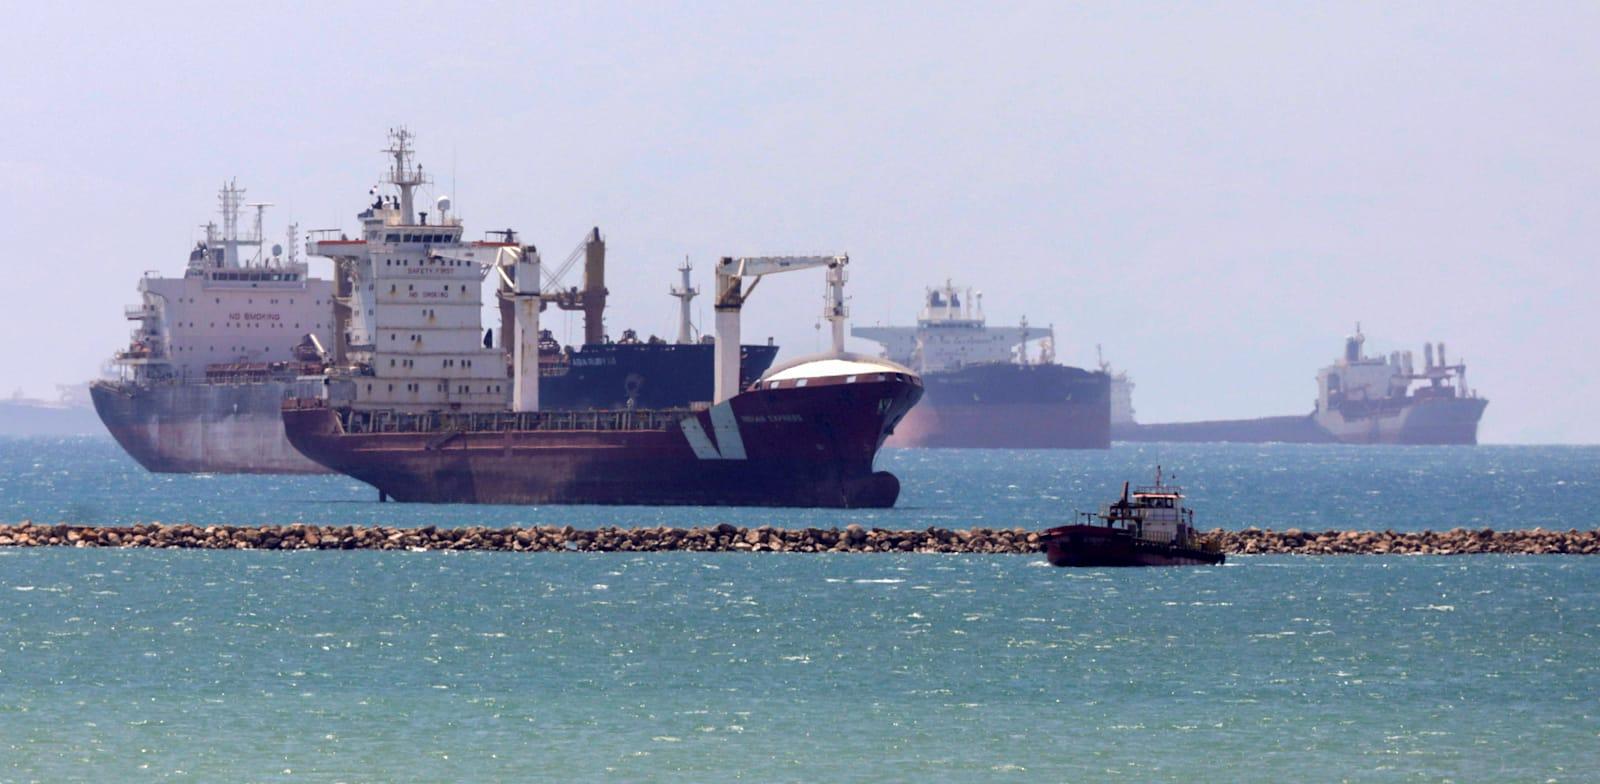 תעלת סואץ התמלאה בכלי שיט מאז יום שלישי שעבר / צילום: רויטרס, MOHAMED ABD EL GHANY